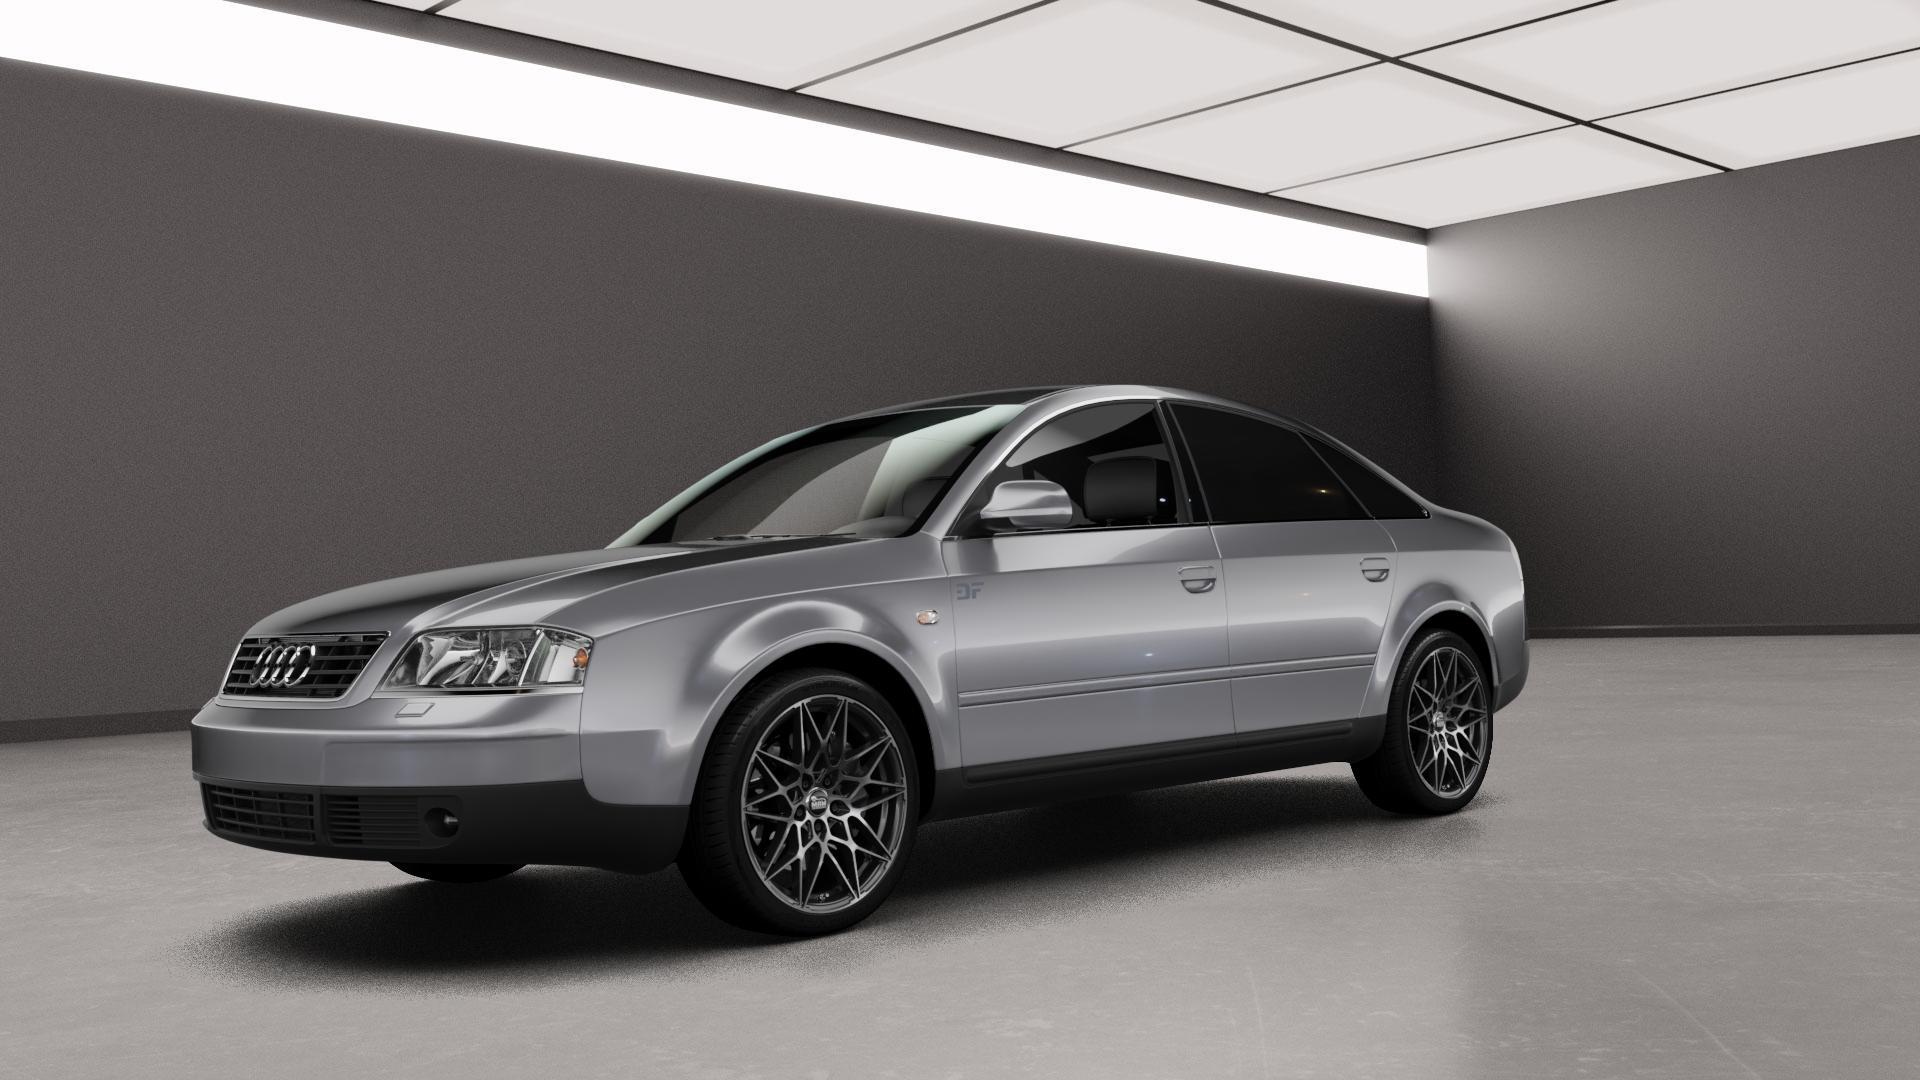 MAM B2 BLACK FRONT POLISH Felge mit Reifen schwarz in 18Zoll Alufelge auf silbernem Audi A6 Typ 4B/C5 (Limousine) ⬇️ mit 15mm Tieferlegung ⬇️ Neutral_mid_max5300mm Frontansicht_1